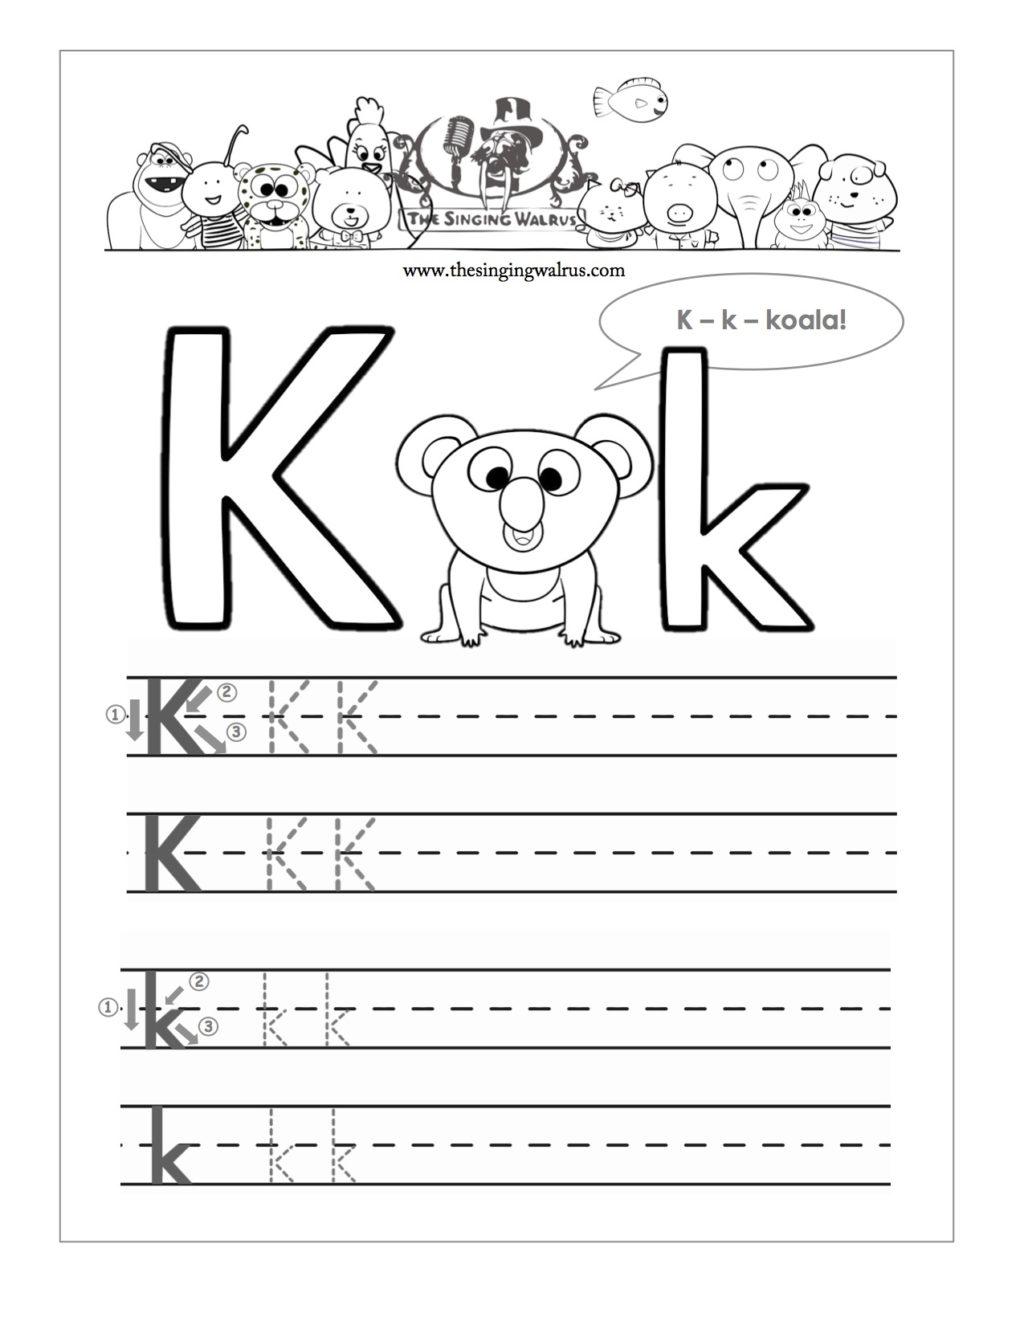 Worksheet ~ Worksheets For Preschool Tracing Printable